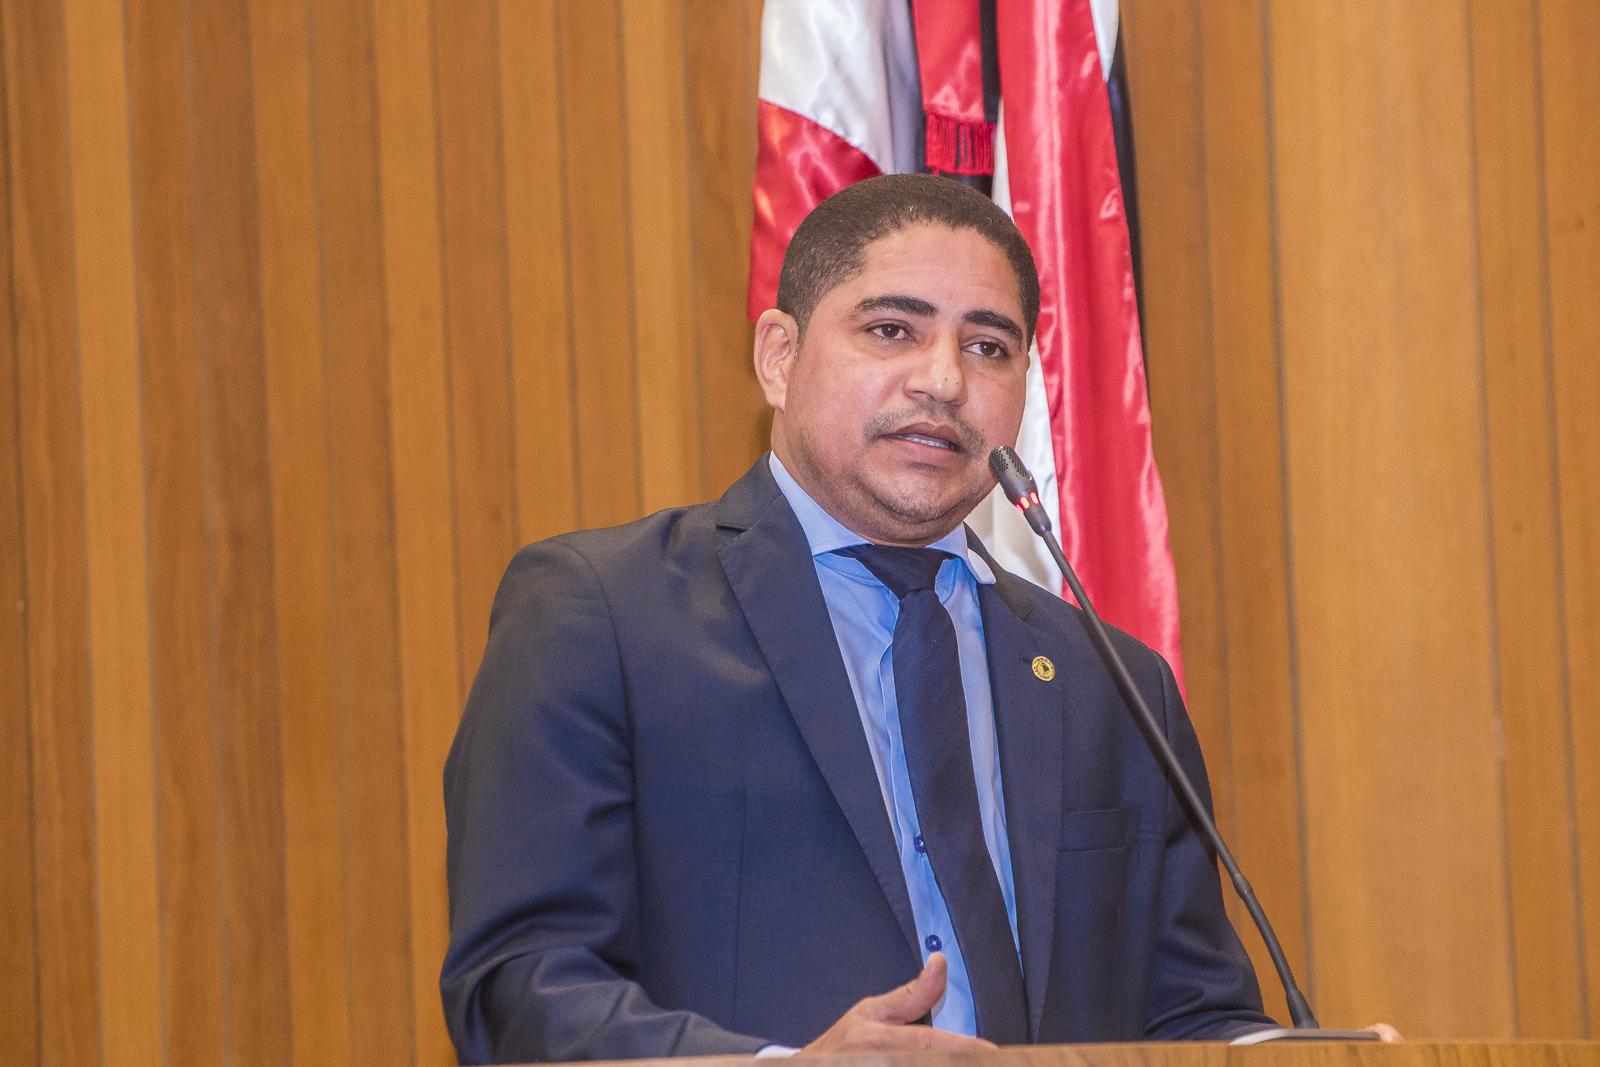 Zé Inácio pede que TJ/MA reveja decisão que afastou prefeito